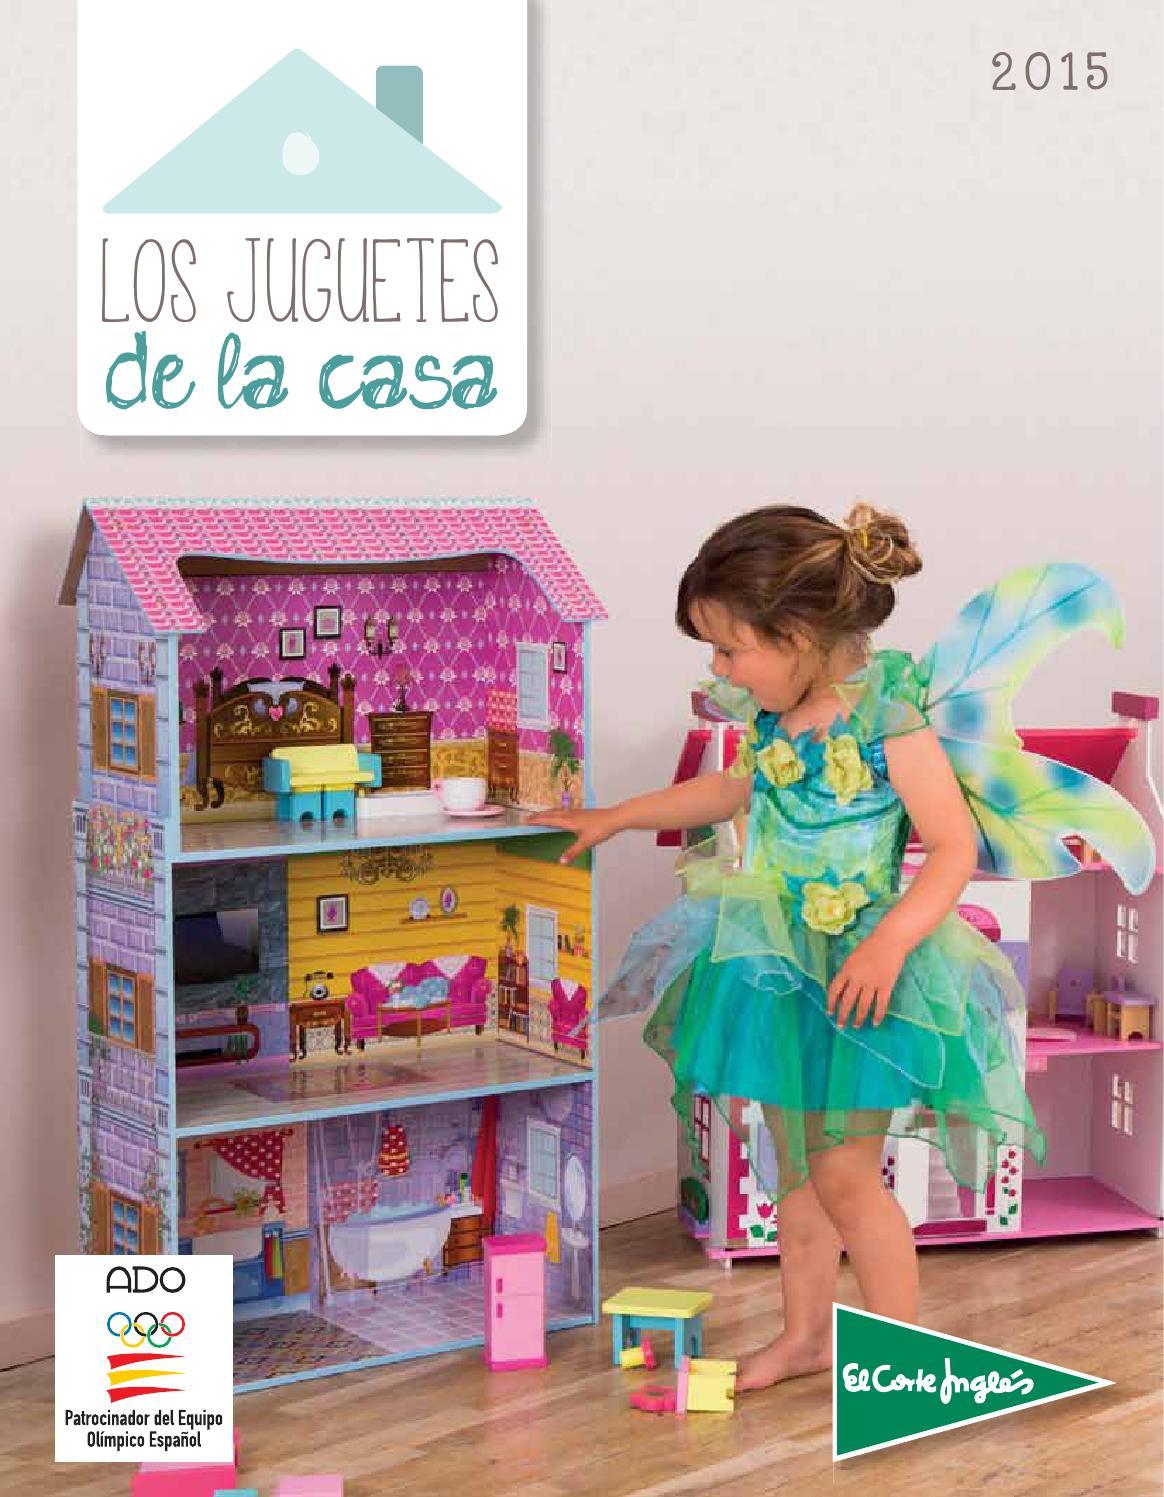 Catalogo el corte ingles juguetes by - Catalogo del corteingles ...